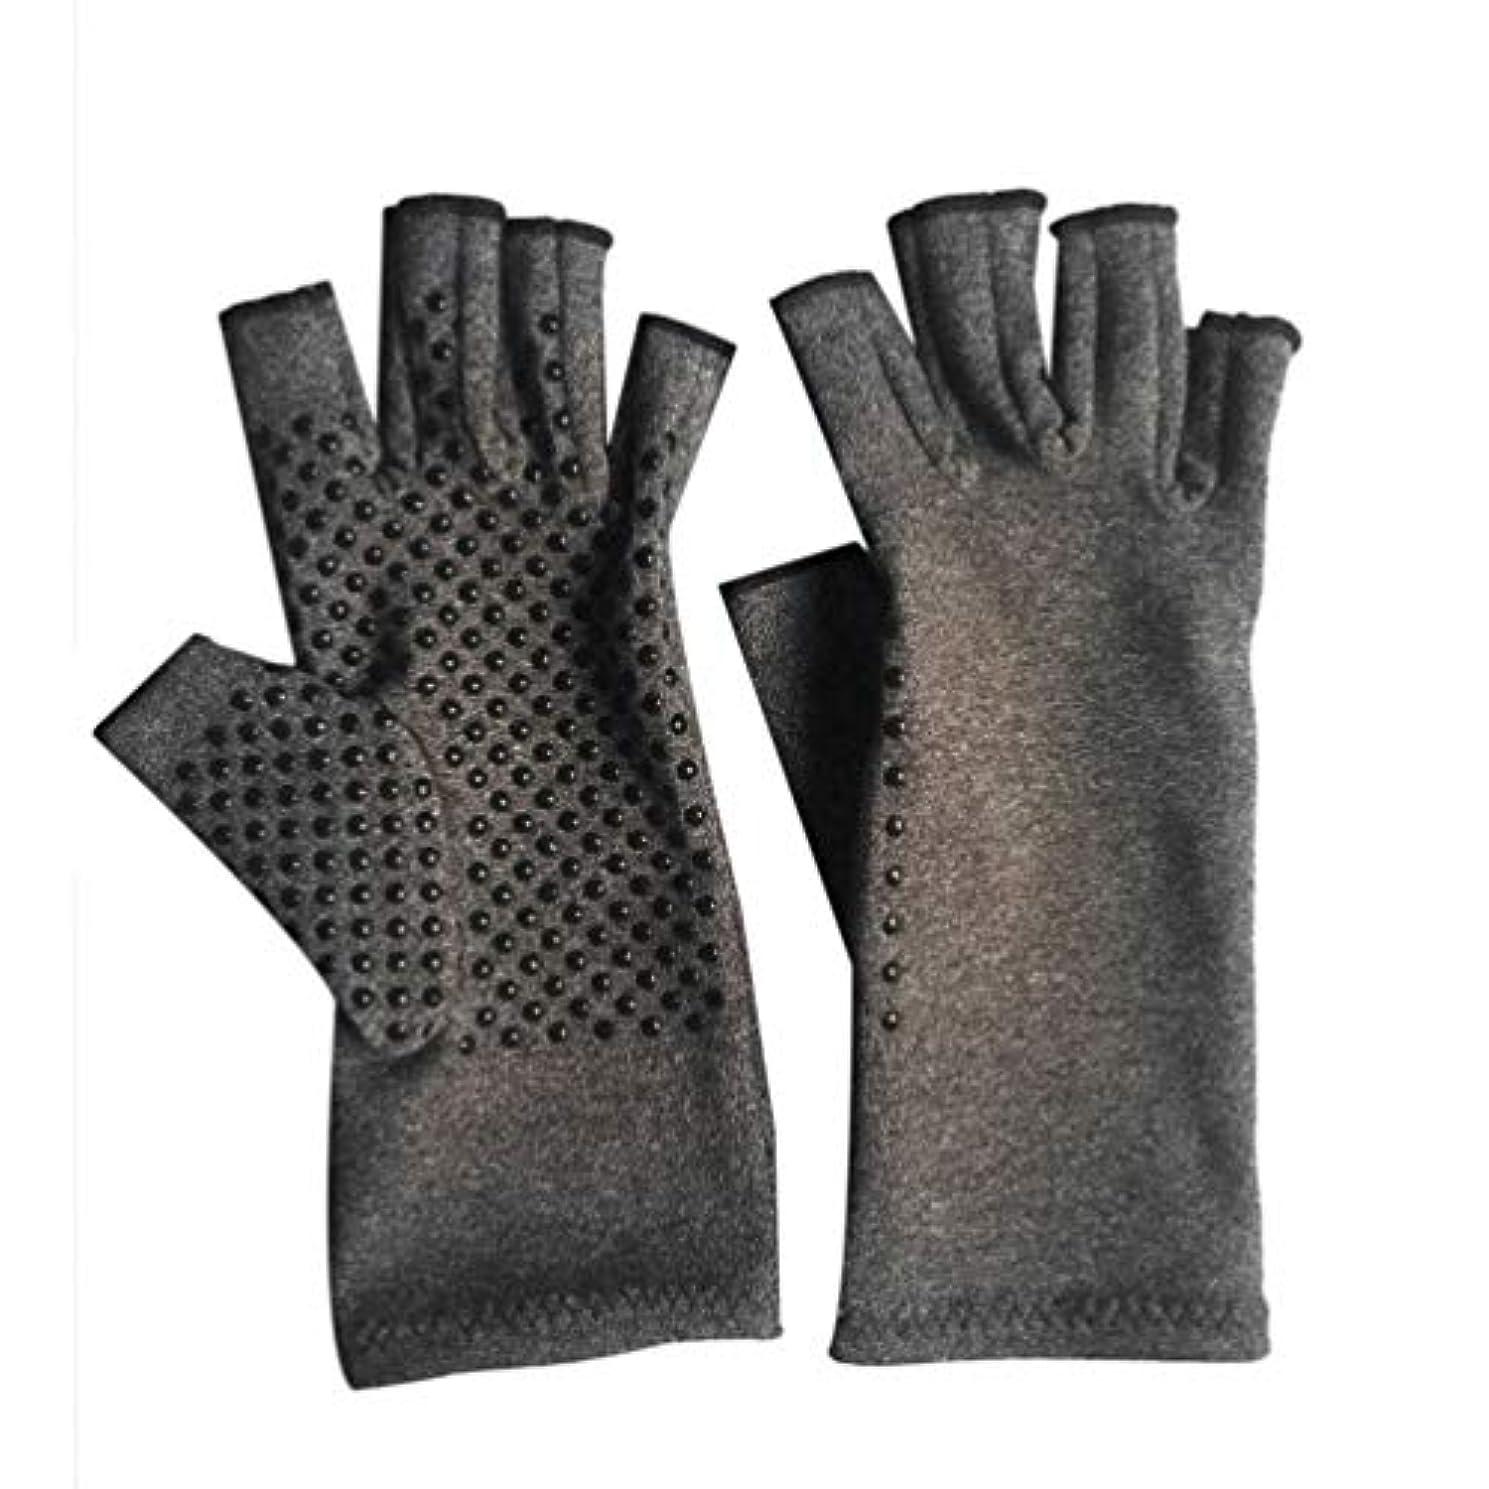 出力スラッシュポケット1ペアユニセックス男性女性療法圧縮手袋関節炎関節痛緩和ヘルスケア半指手袋トレーニング手袋 - グレーM